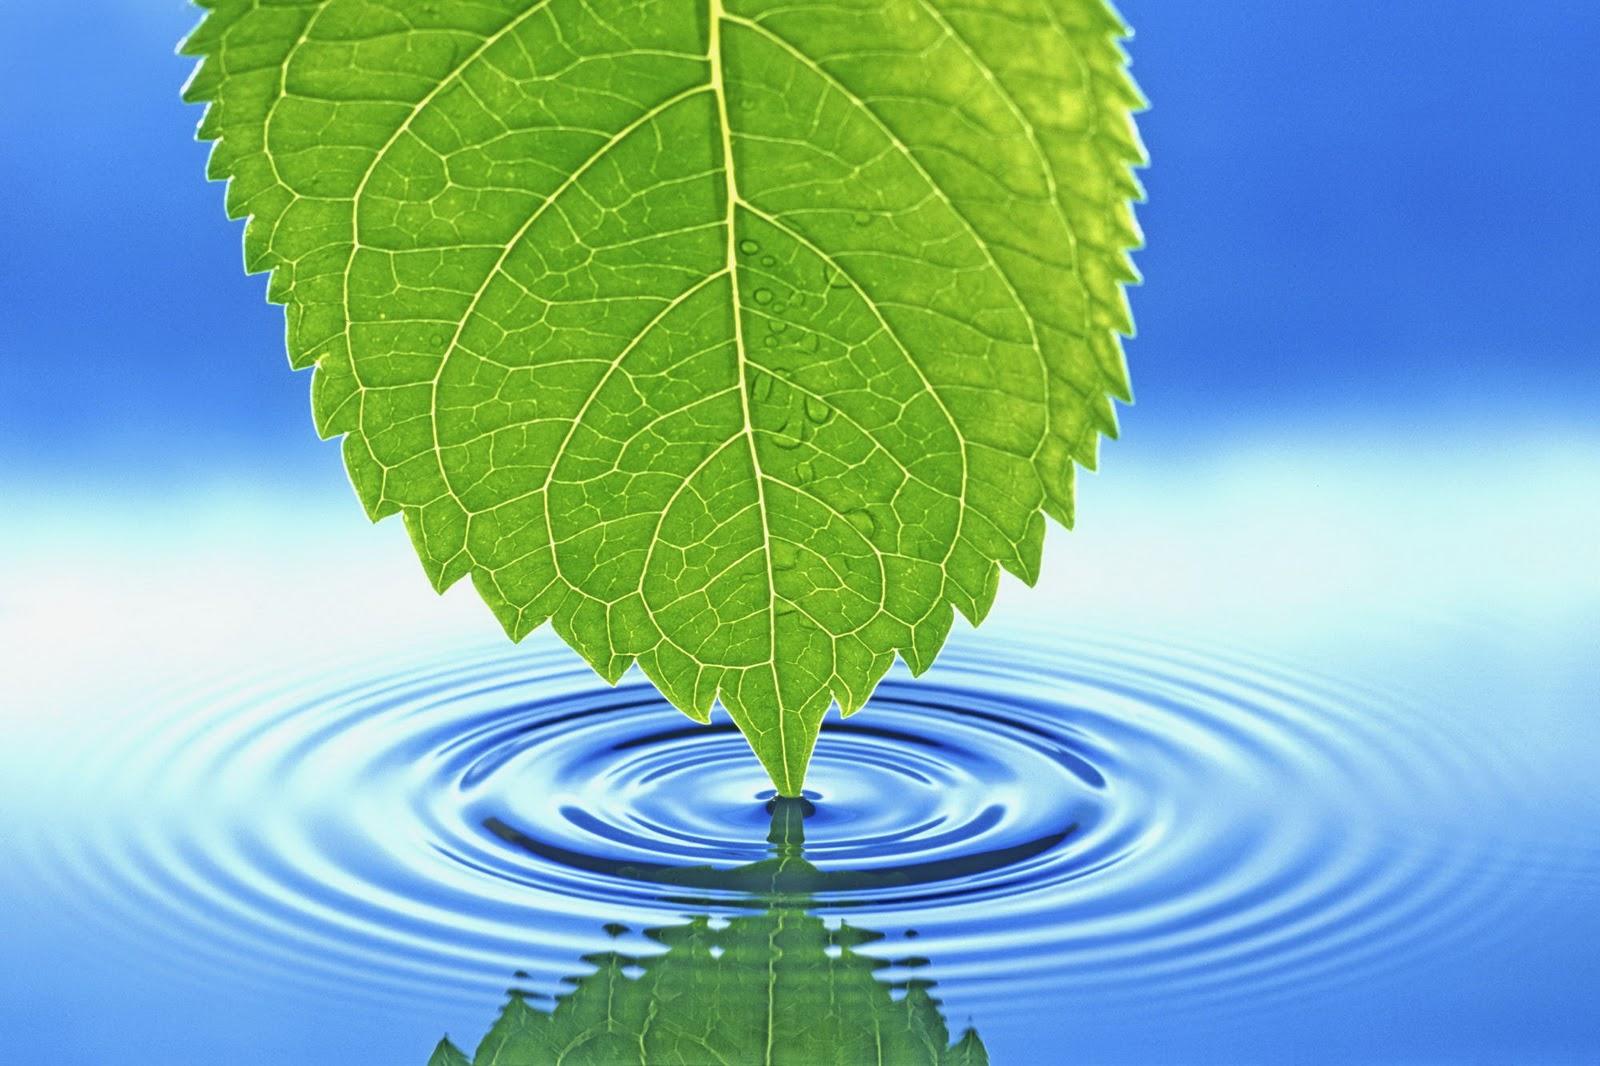 High Resolution Widescreen Nature